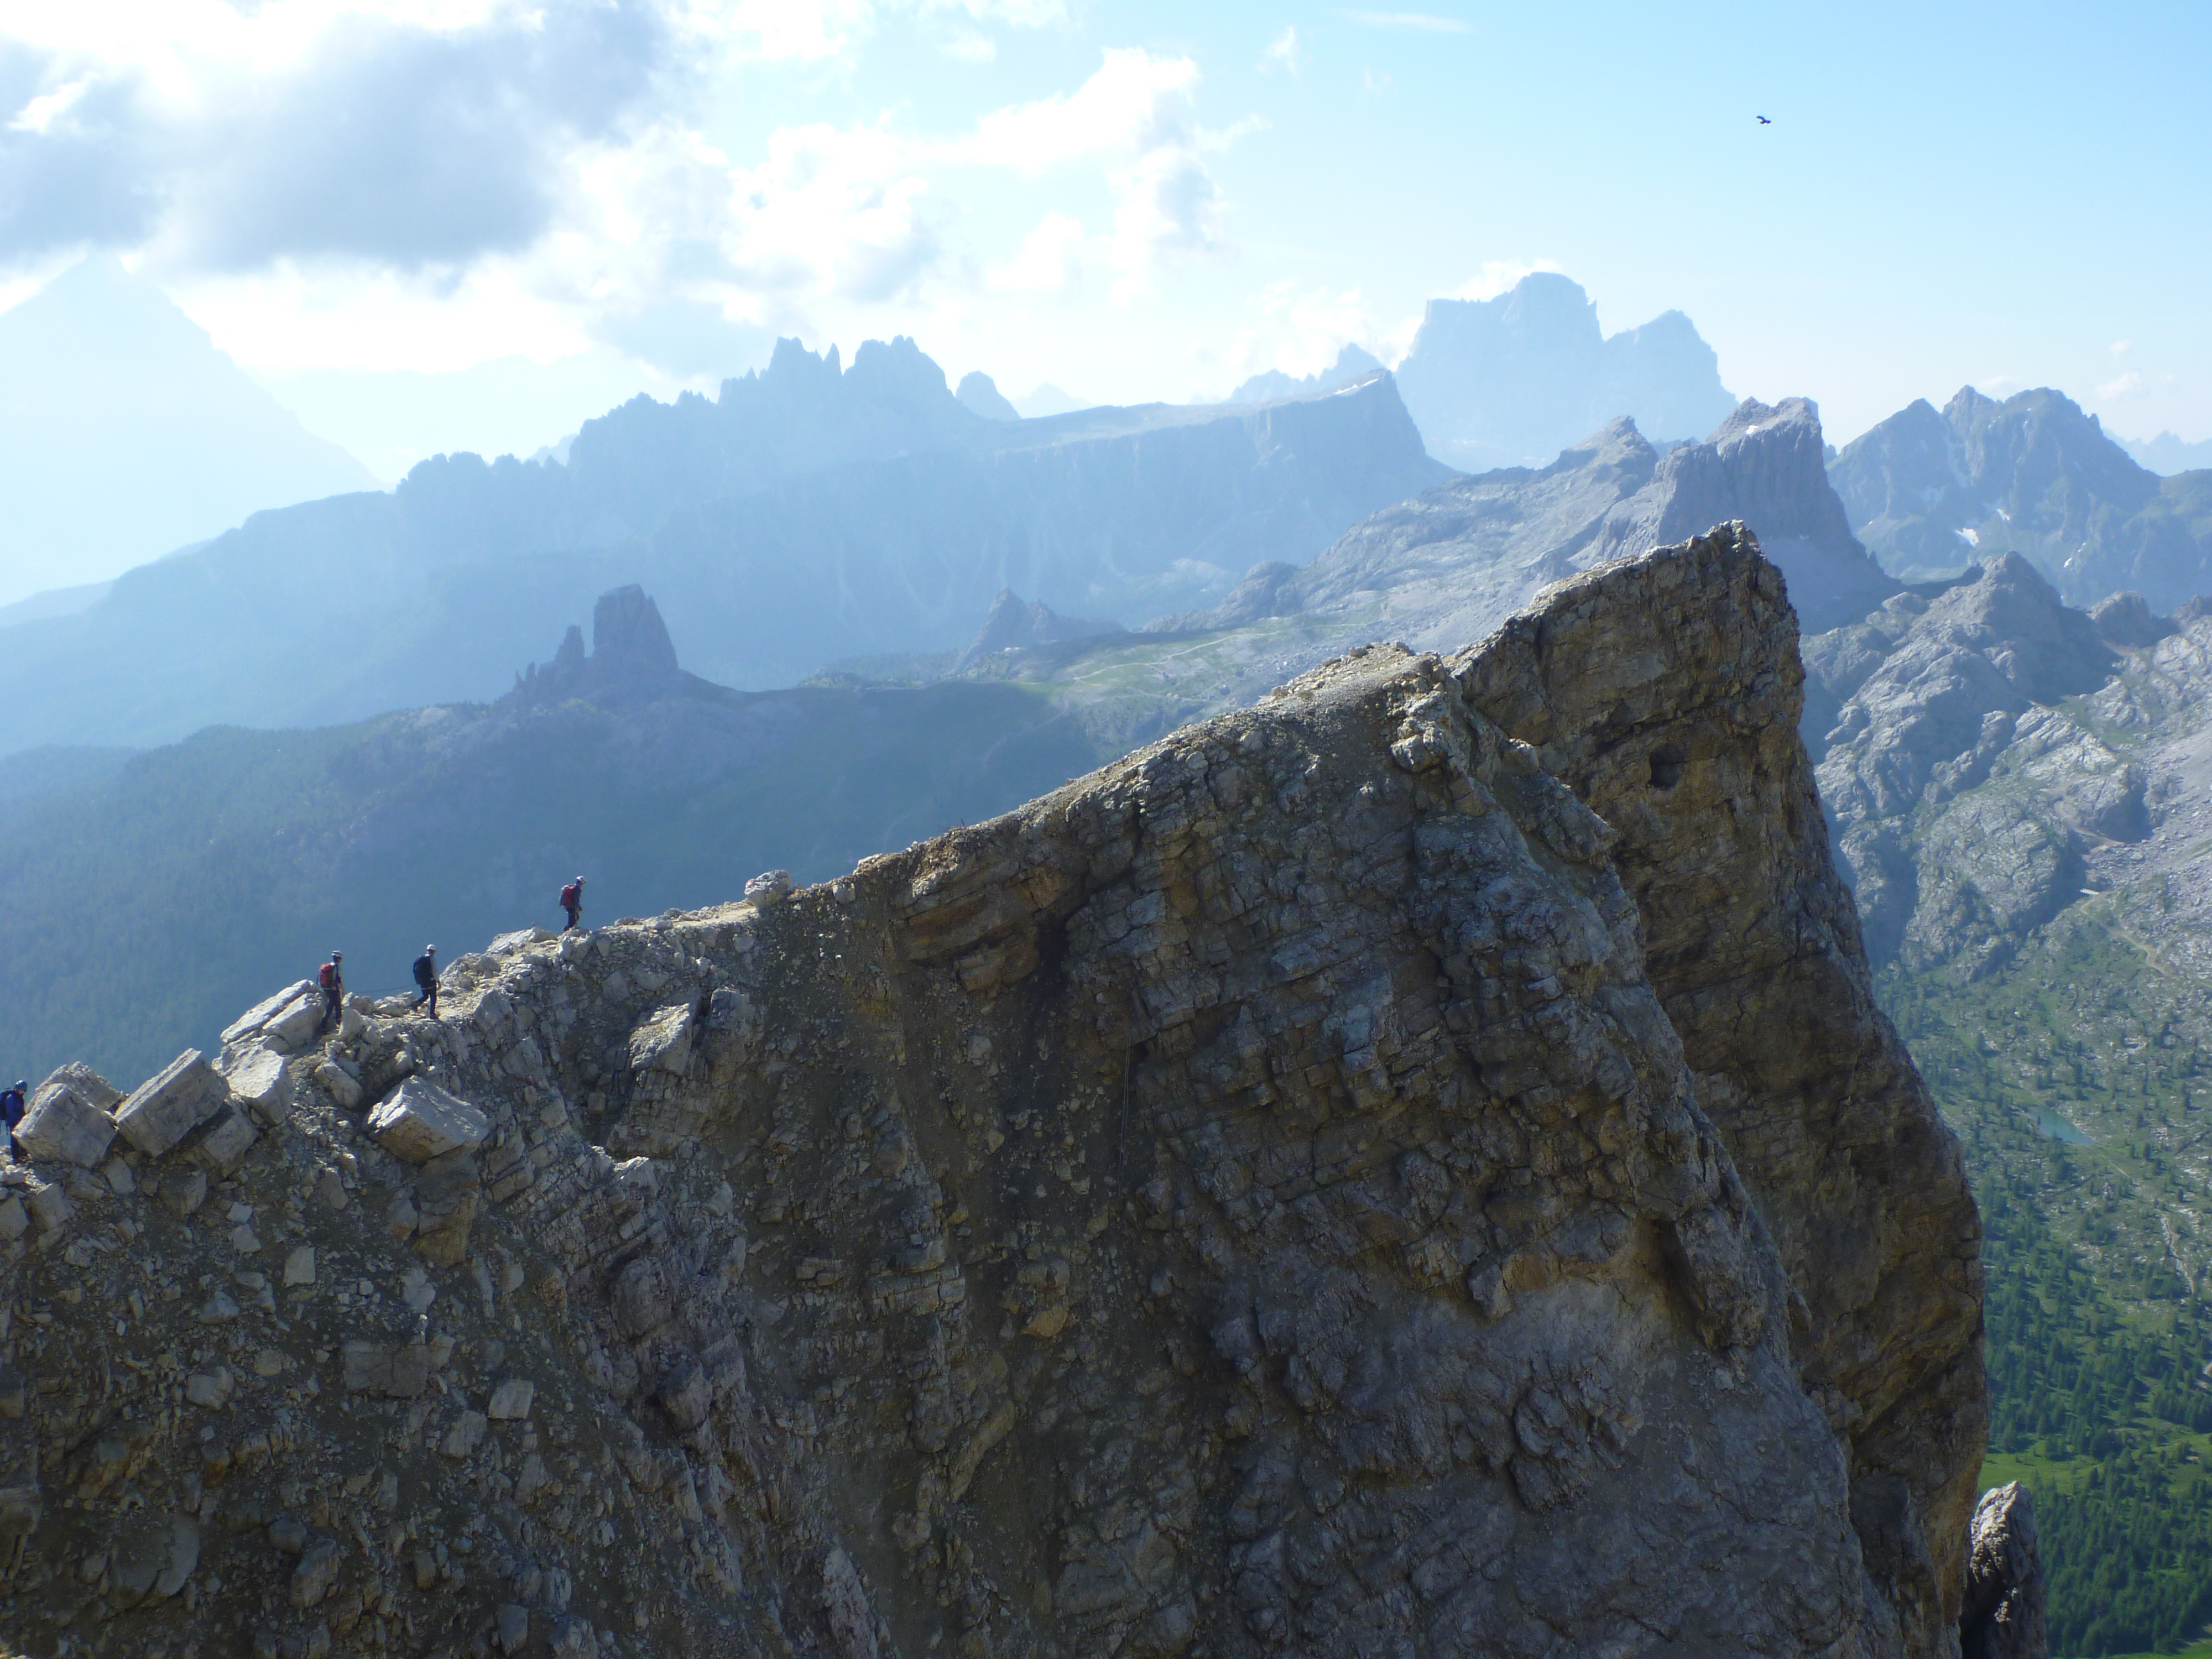 Rock Climbing Checklist